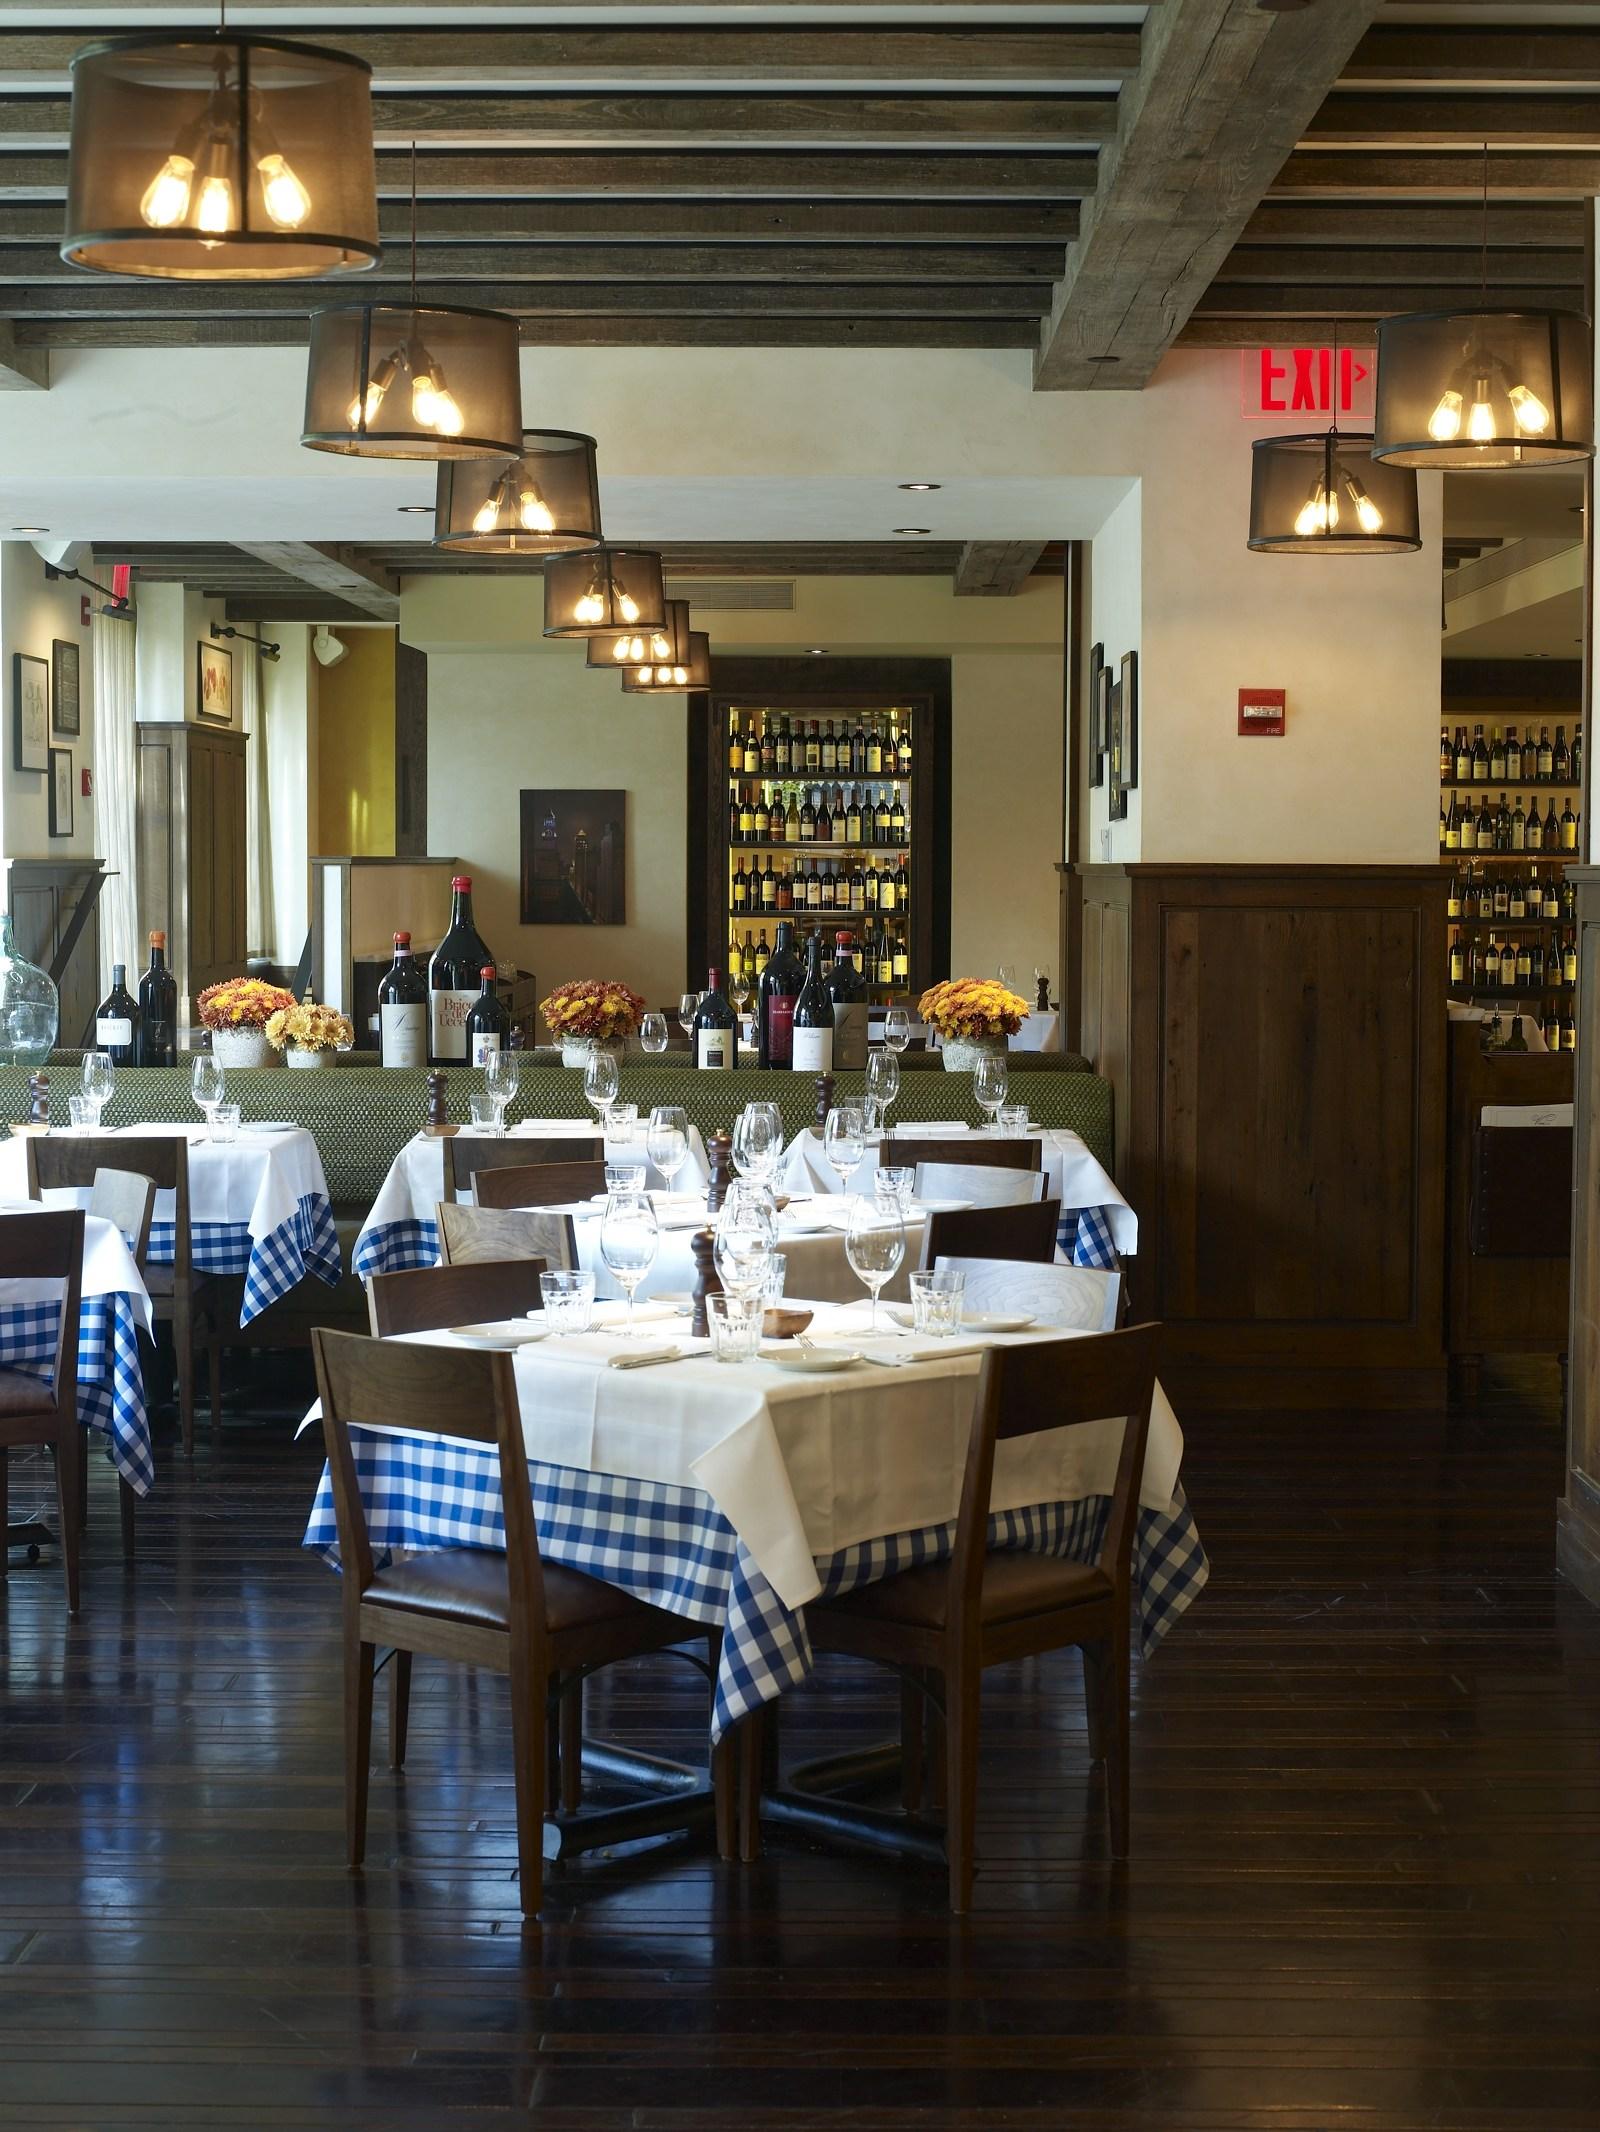 20091117_Maialino_Dining Room _019448.jpg